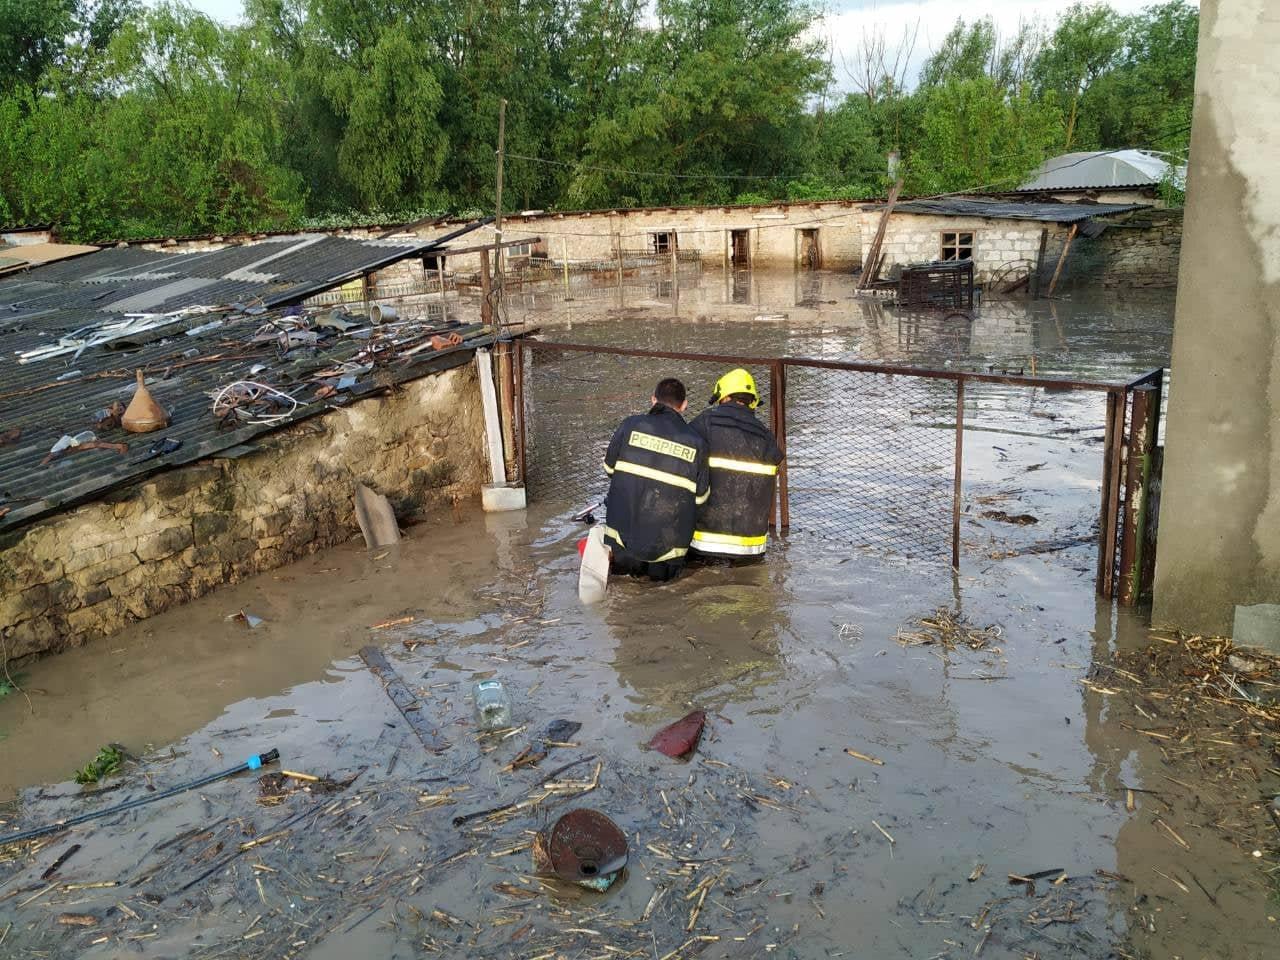 Inundații în urma ploilor puternice din ultimele zile